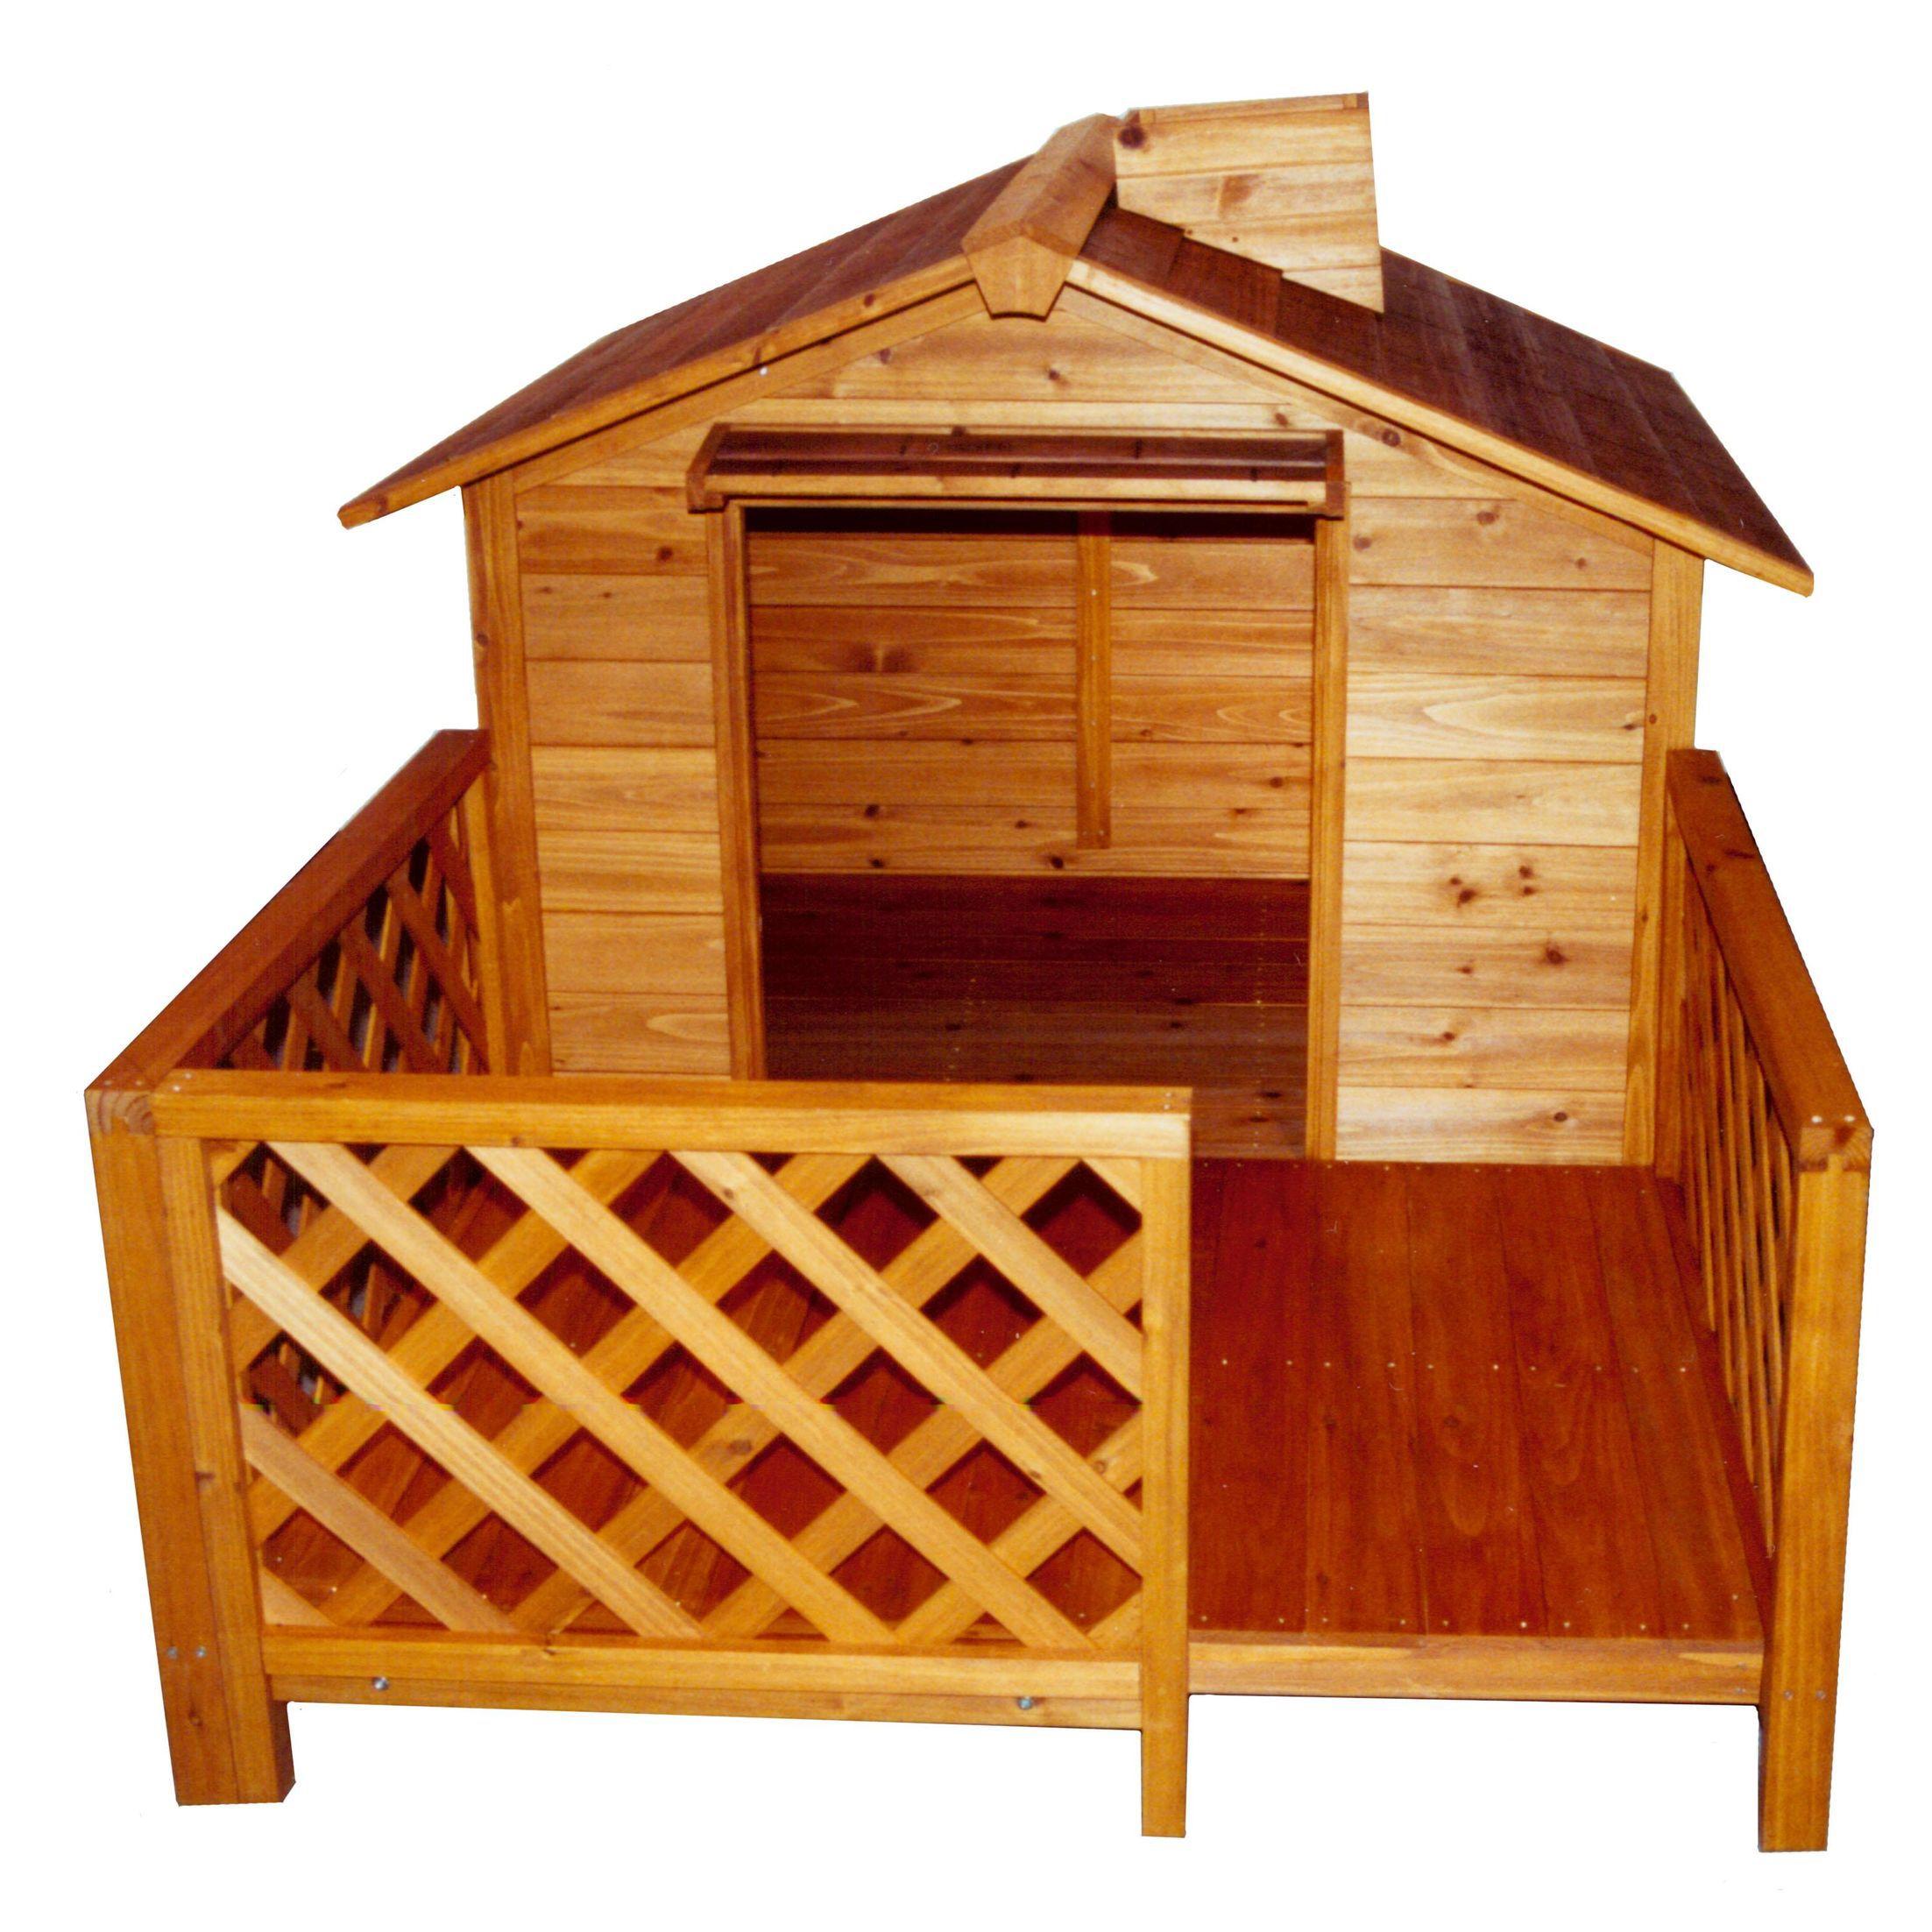 The Mansion Dog House Wooden dog house, Large dog house